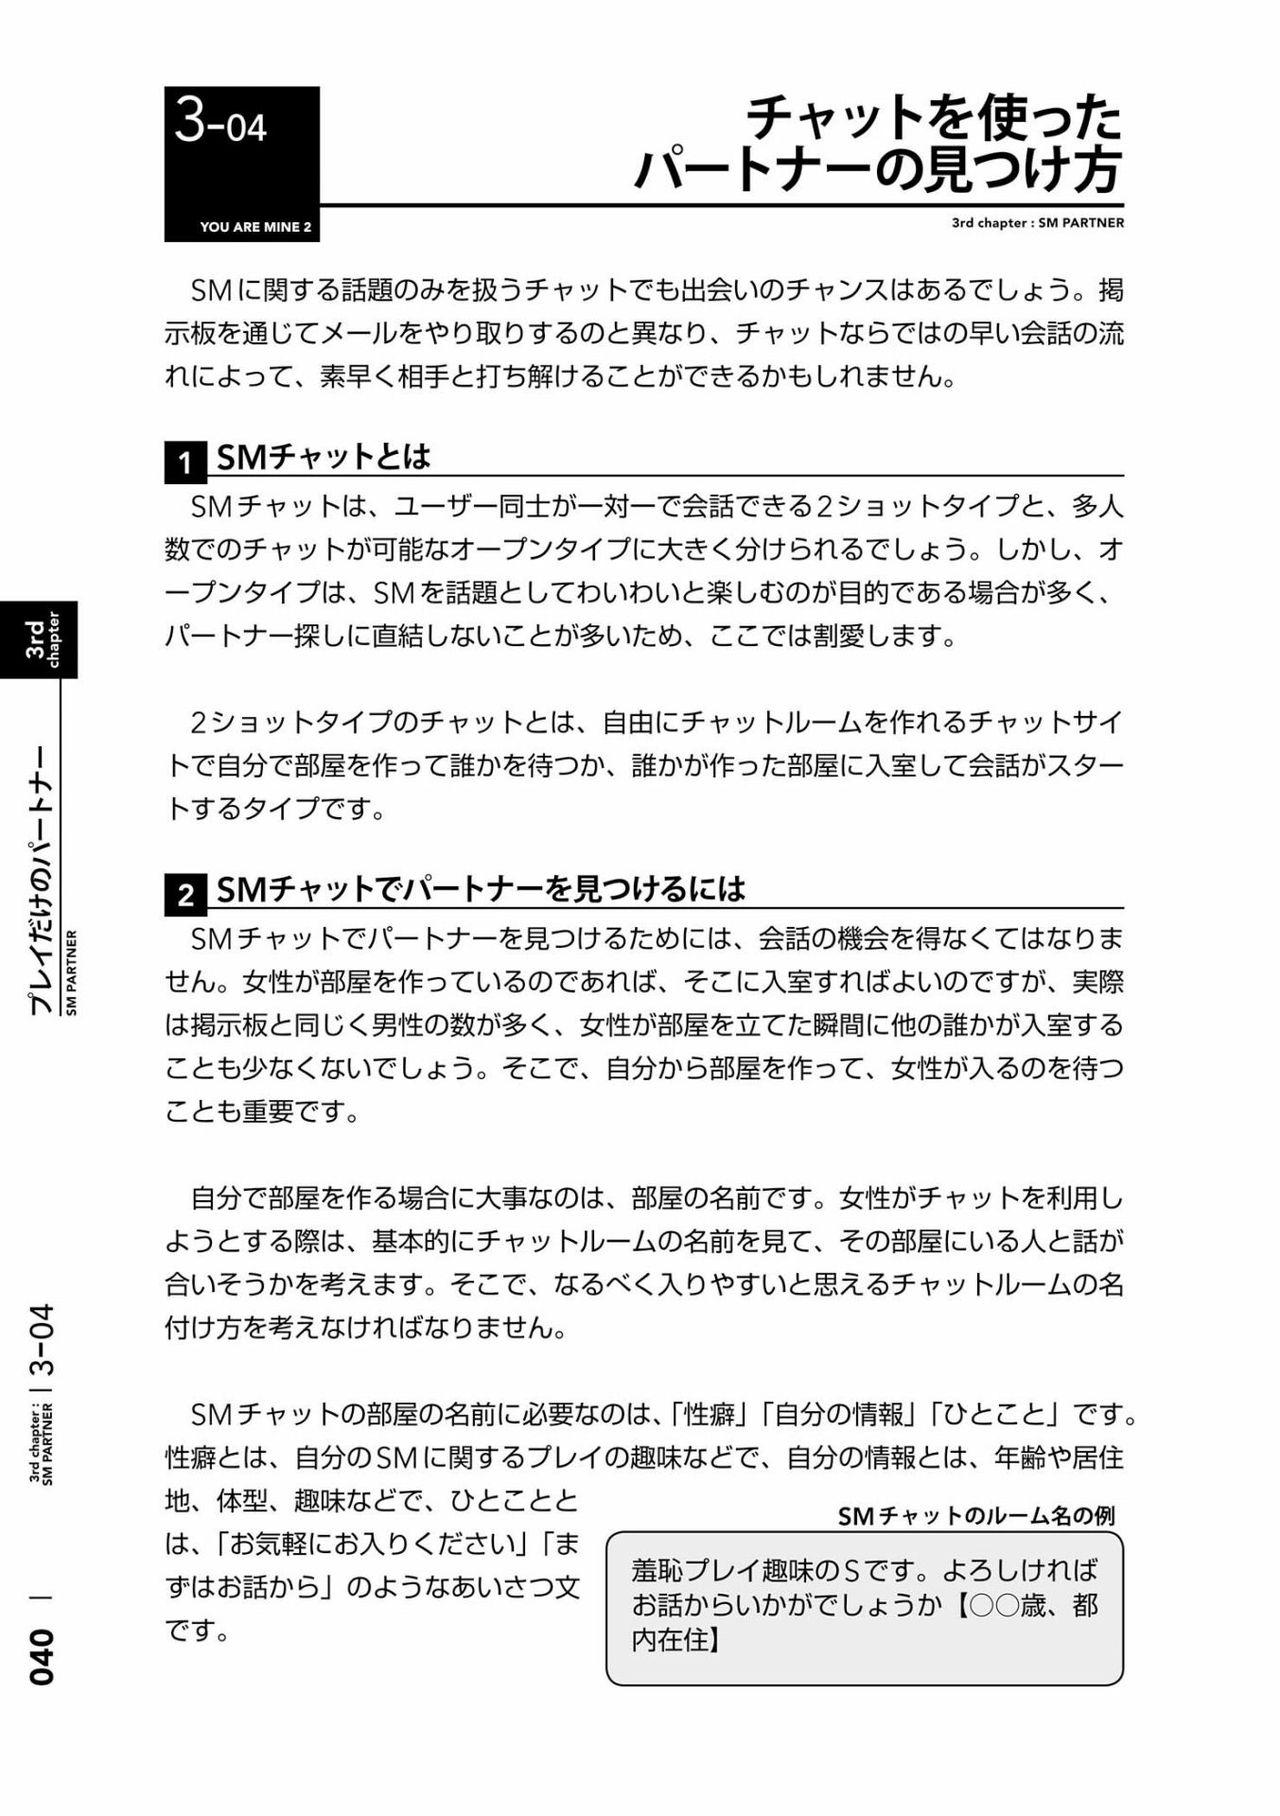 [Mitsuba] Karada mo Kokoro mo Boku no Mono ~Hajimete no SM Guide~ 2 [Digital] 42